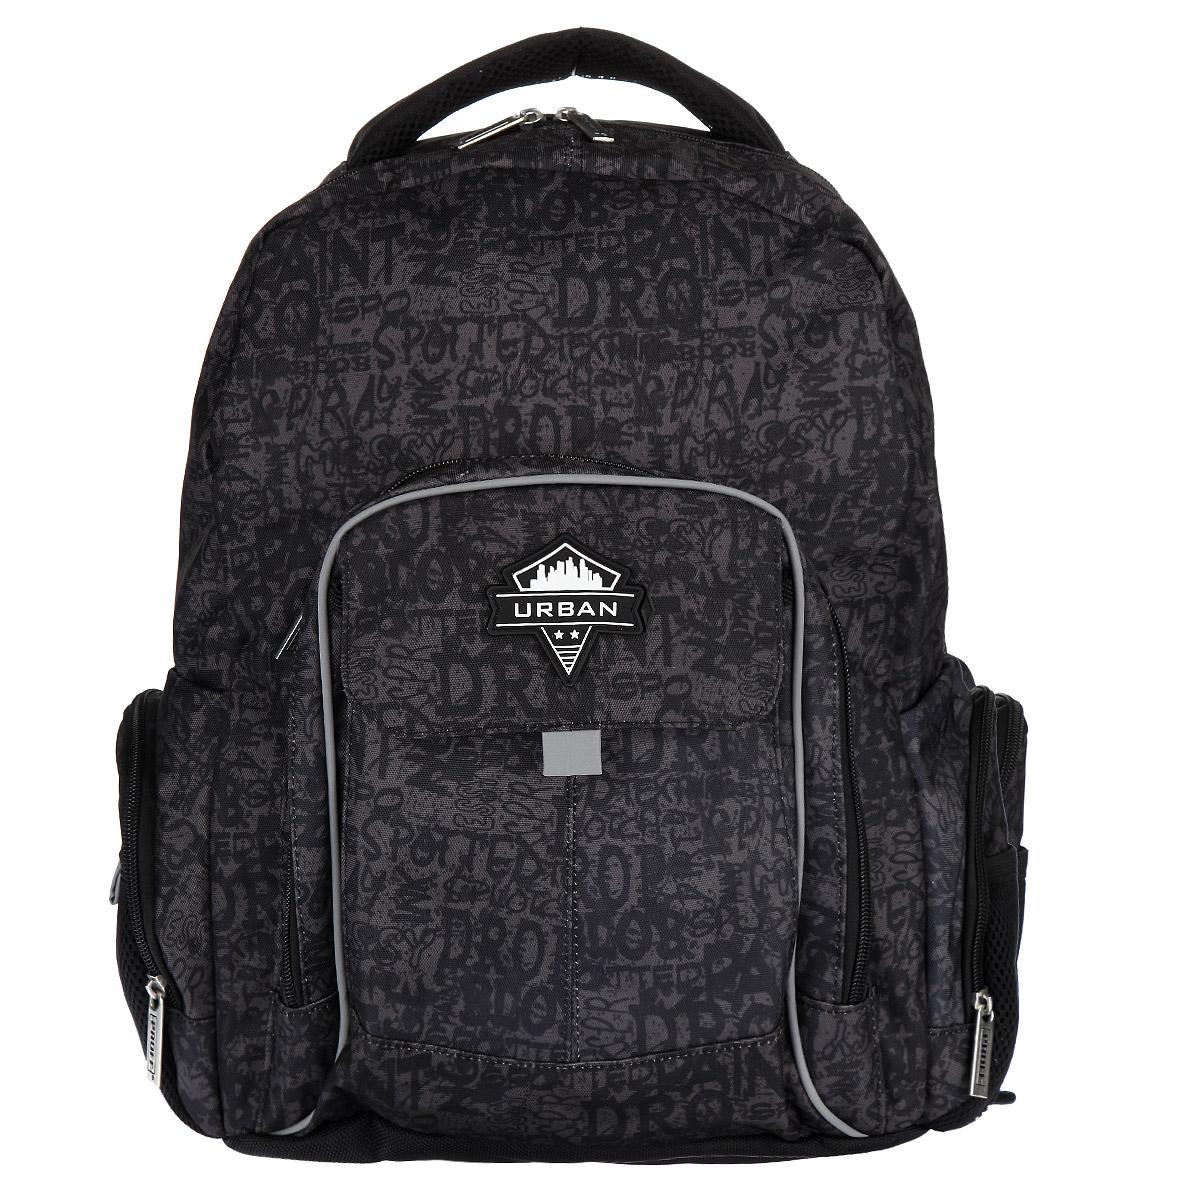 Рюкзак подростковый Proff Urban Style, цвет: серый, черный. UW15-BP-20OM-672-2/2Рюкзак подростковый Proff Urban Style станет надежным спутником в получении знаний. Он выполнен из полиэстера, имеет оригинальное оформление. Рельеф спинки рюкзака удобен для позвоночника. Рюкзак имеет одно большое отделение, которое закрывается на молнию. Внутри большого отделения расположен сквозной накладной карман на липучке, два небольших кармана для мелочи, три кармашка для ручек или карандашей, а также карабин для ключей. Помимо основного отделения, рюкзак имеет один внешний карман на молнии и один на липучке с лицевой стороны, и по два боковых кармана с каждой стороны, один на молнии, один на липучке. Рюкзак оснащен широкими плечевыми ремнями с поролоновым наполнителем, которые регулируются по длине, и мягкой ручкой для переноски в руке, а удобная спинка анатомической формы будет оберегать вашу спину при длительных нагрузках.